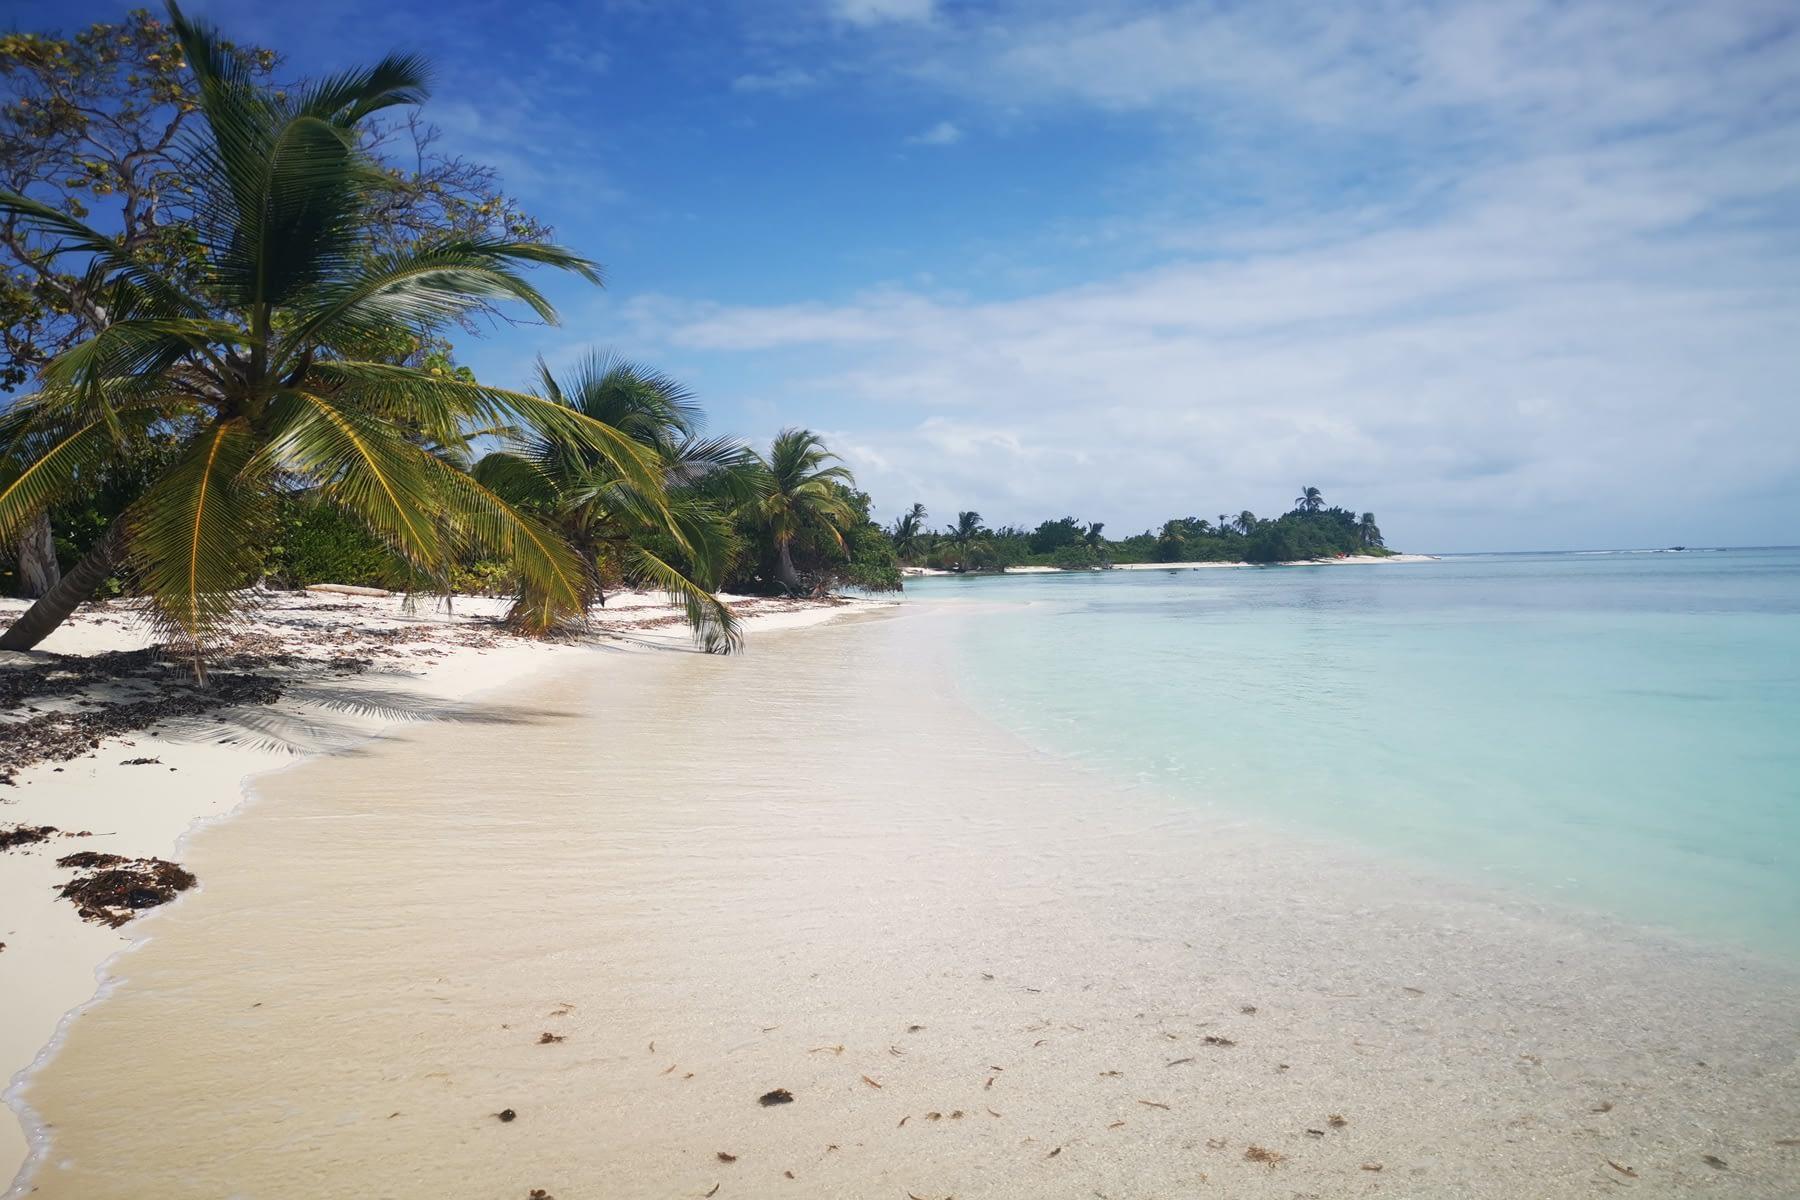 Vista lateral de la isla Masargandub